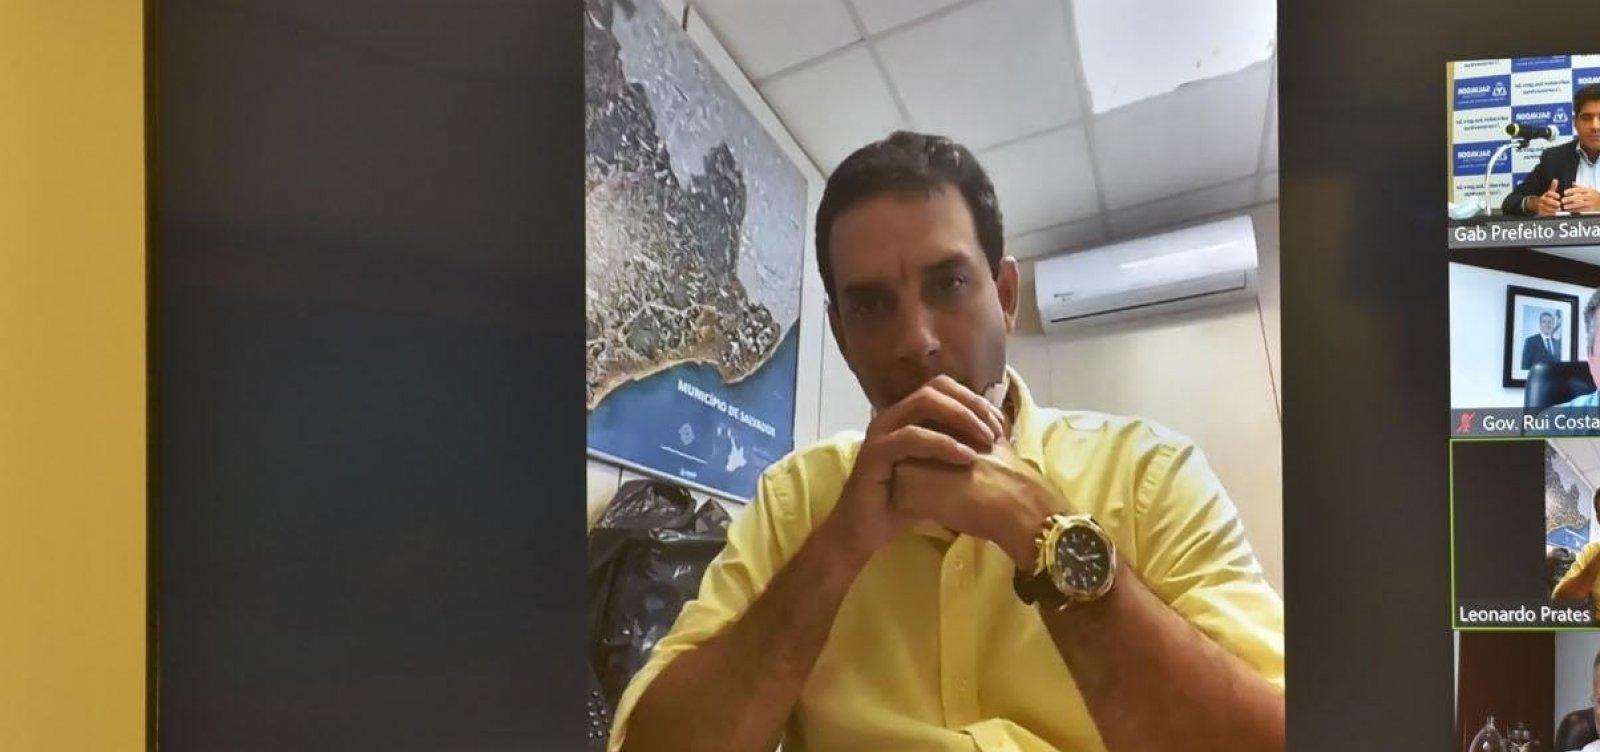 [Secretário de Saúde de Salvador prevê saturação de leitos de UTI para domingo]